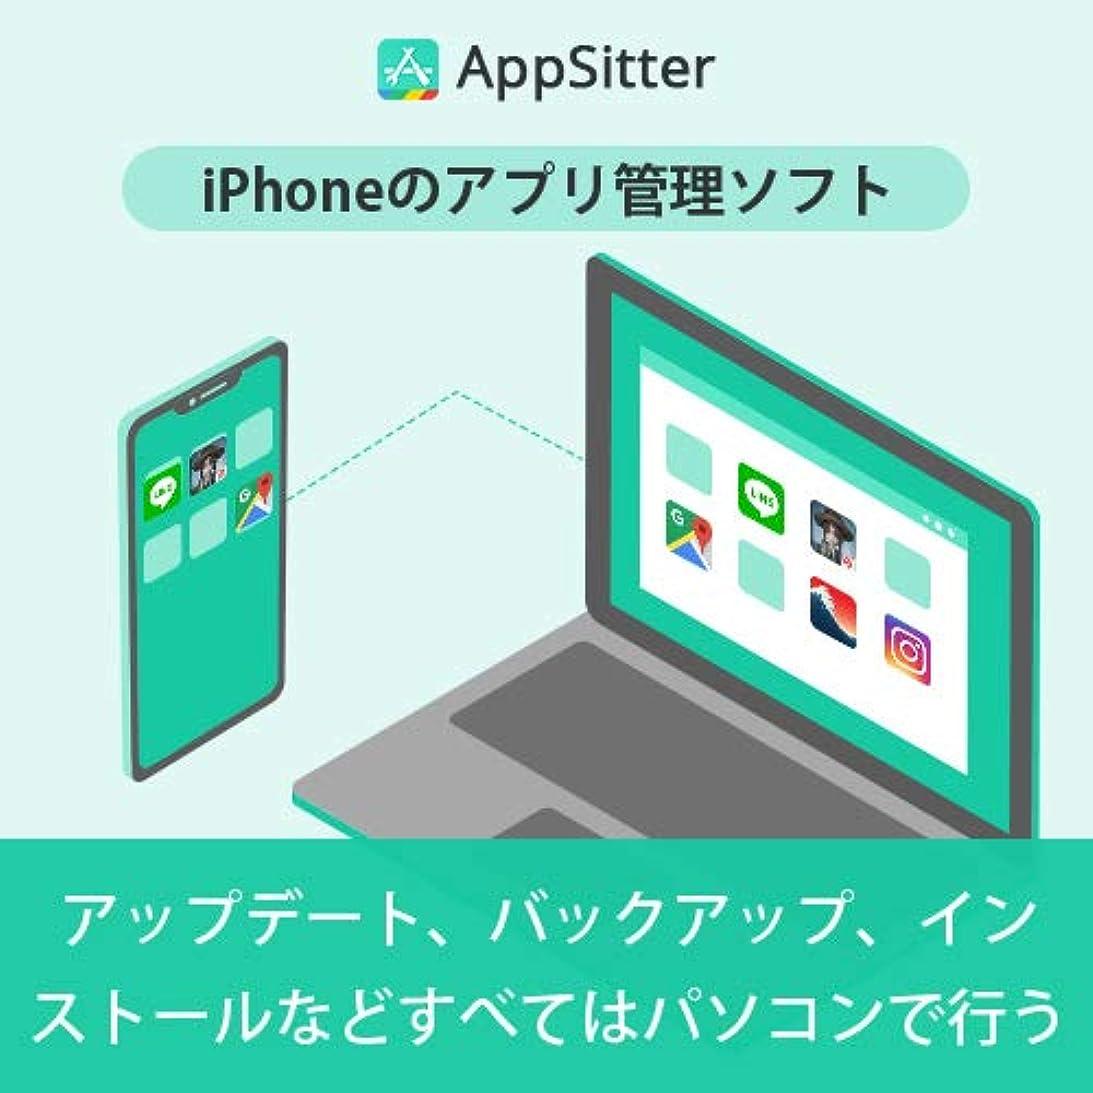 不機嫌プリーツダムAppSitter for Win 1ライセンス【iPhone、iPad のアプリをパソコンの画面から効率管理! アプリのダウンロード保存、ホーム画面の管理にも】 ダウンロード版